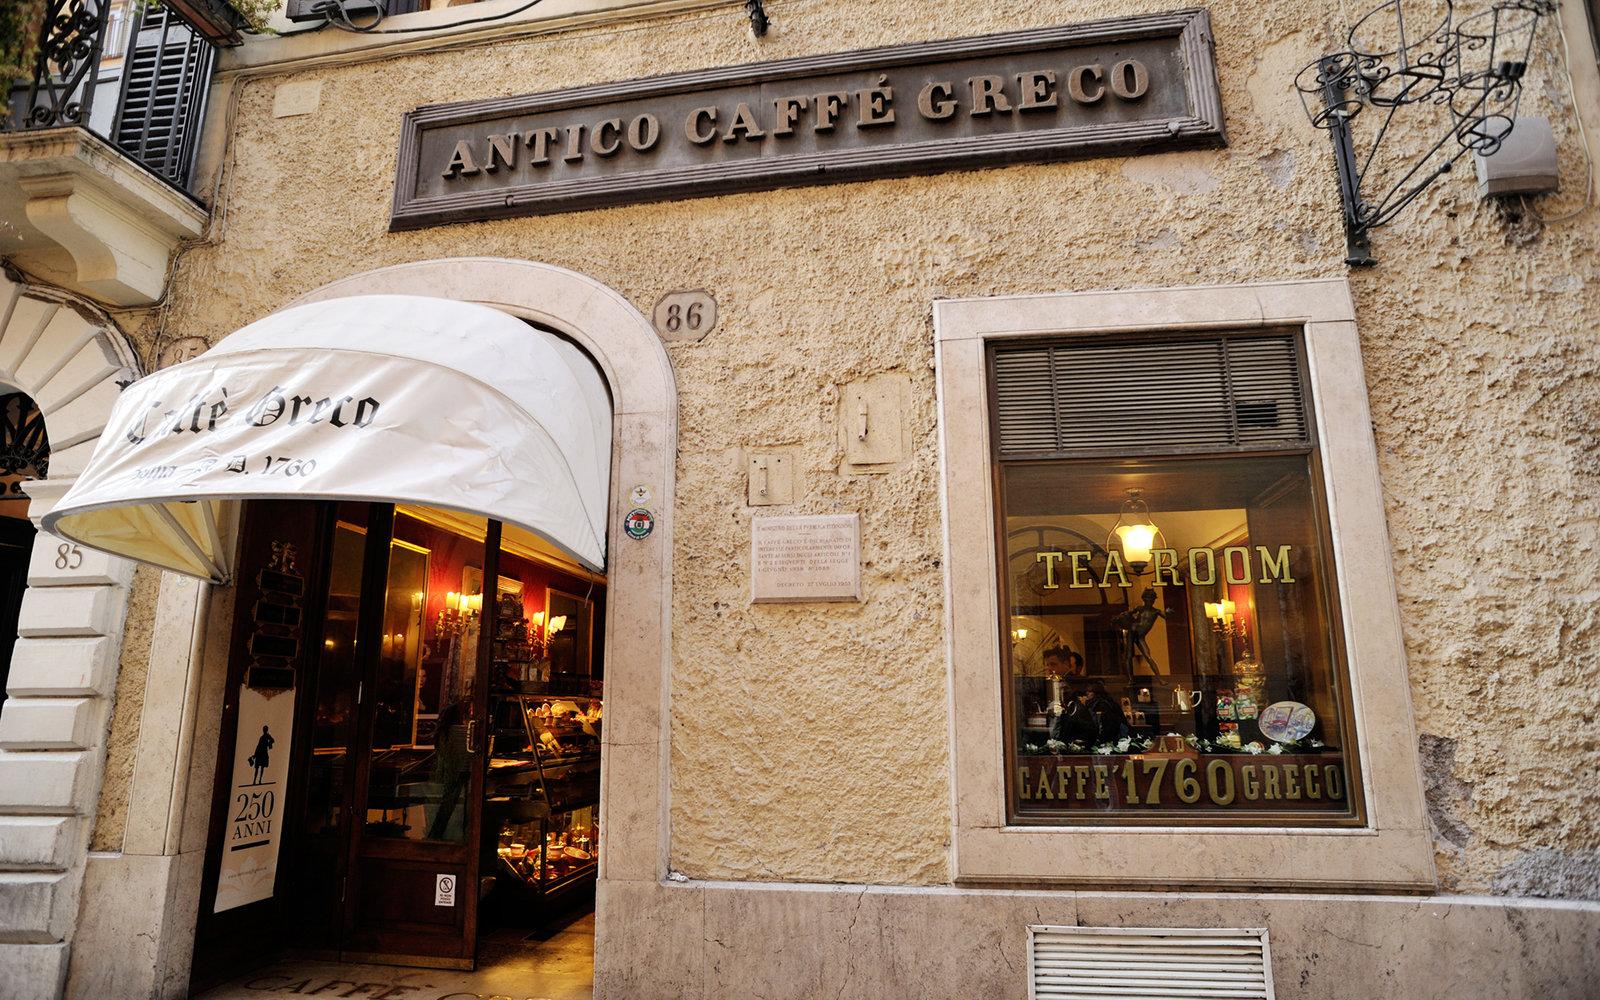 Antico Caffé Greco